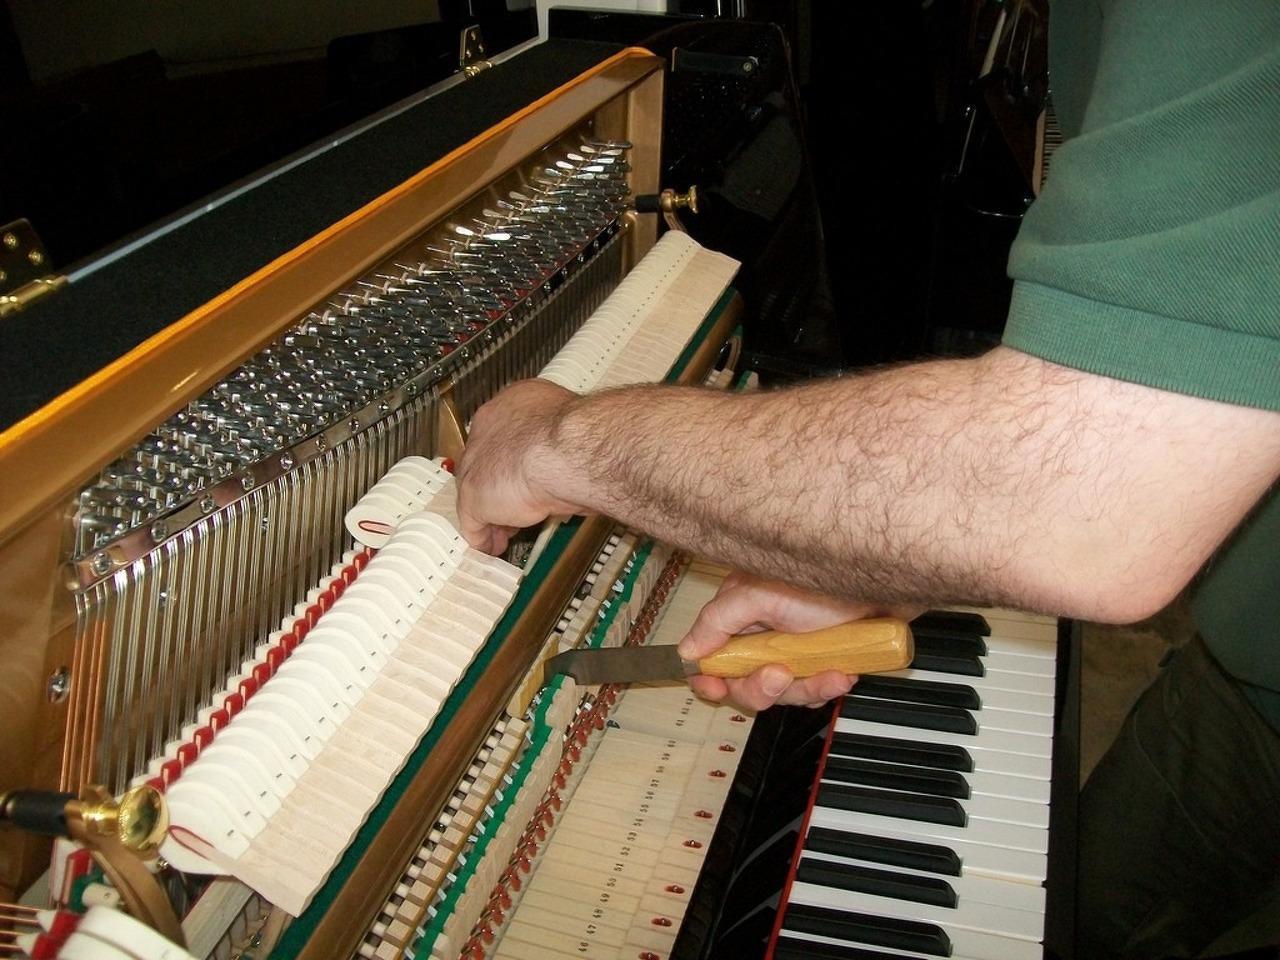 Afinador técnico de pianos . Lisboa - 5/5